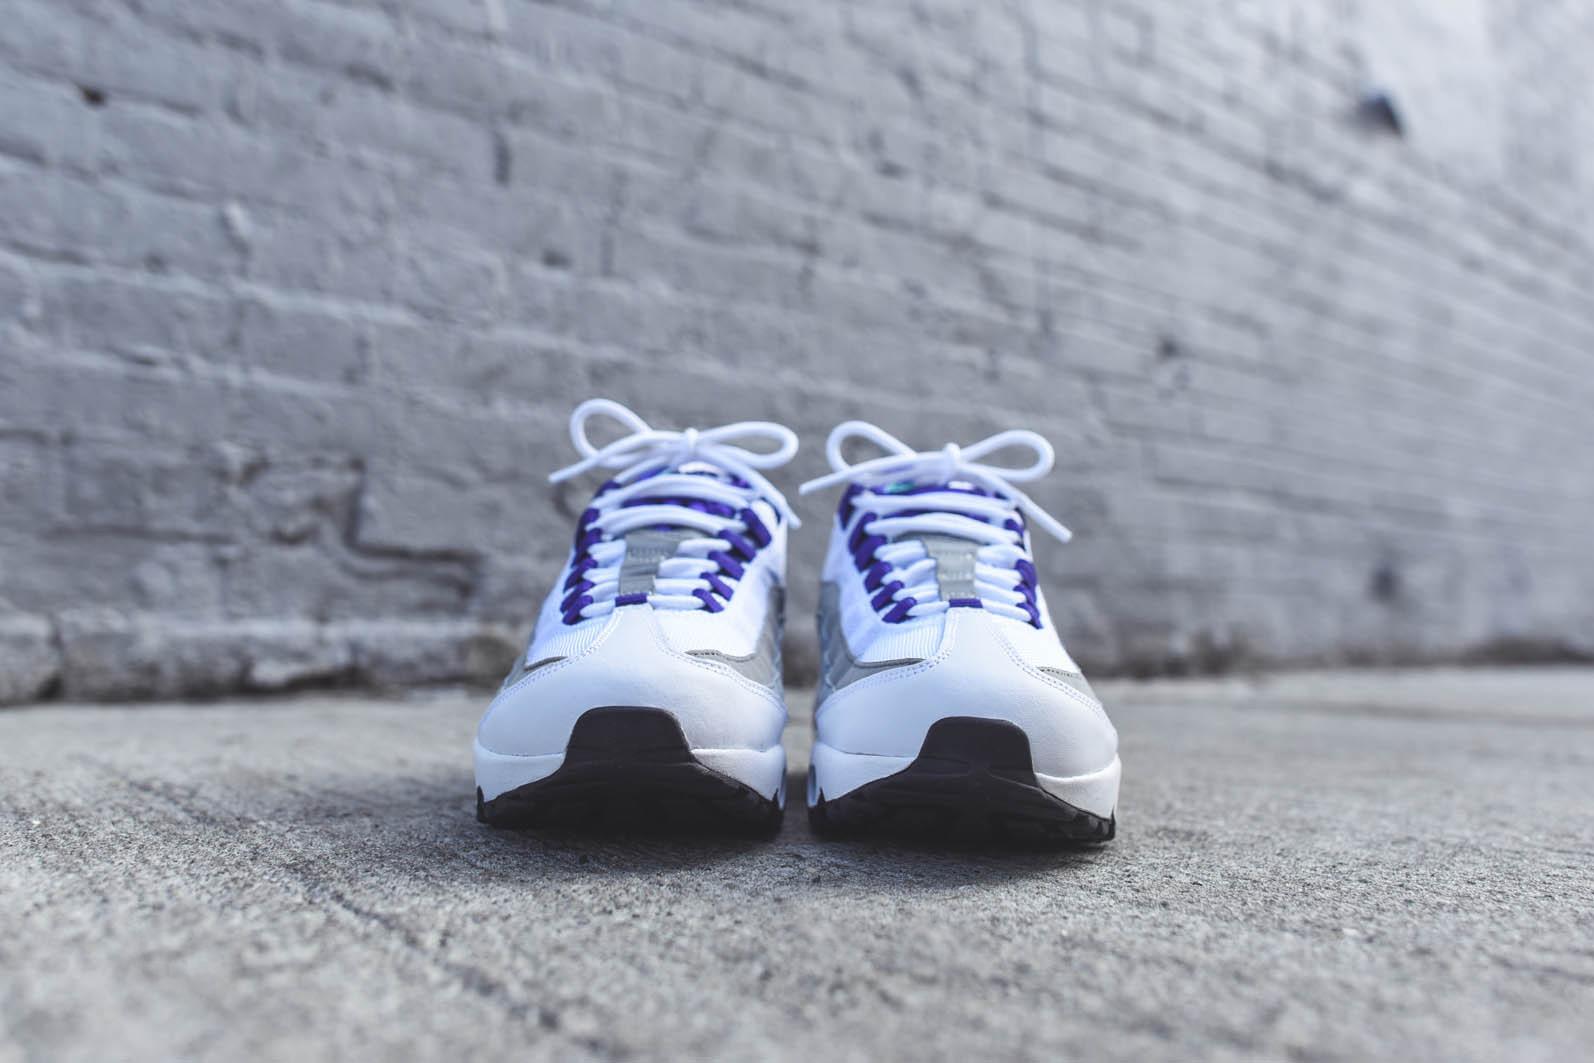 Nike Air Max 95 Uve Rosse Og sm16Z6I